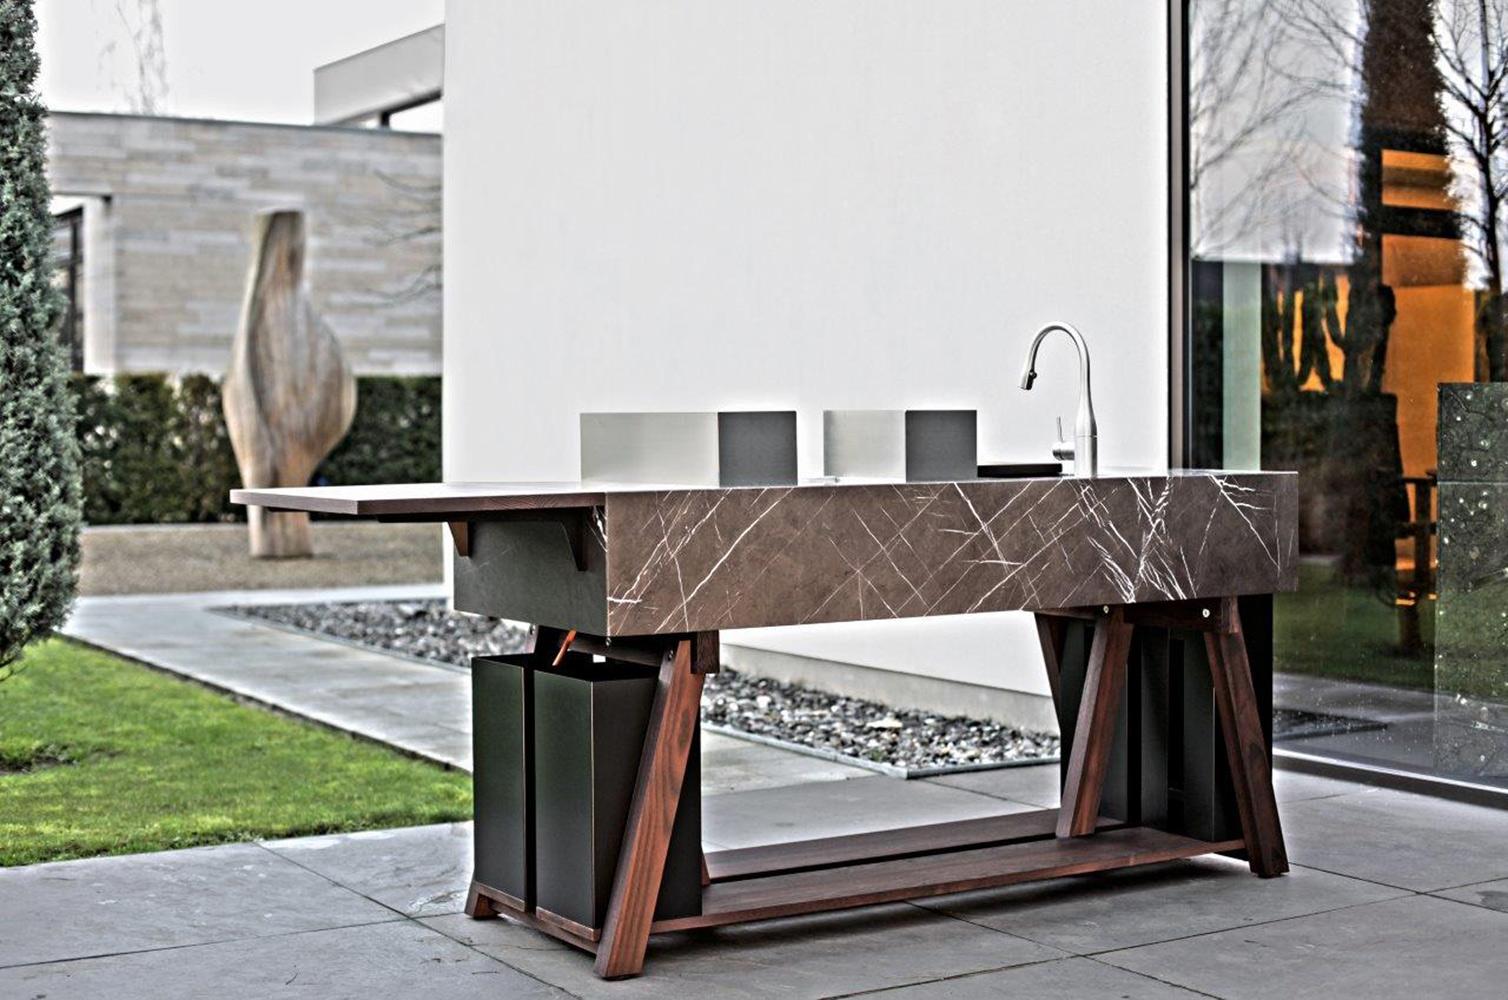 Outdoorküche Stein Facebook : Oqc outdoorküchen kramer and kramer